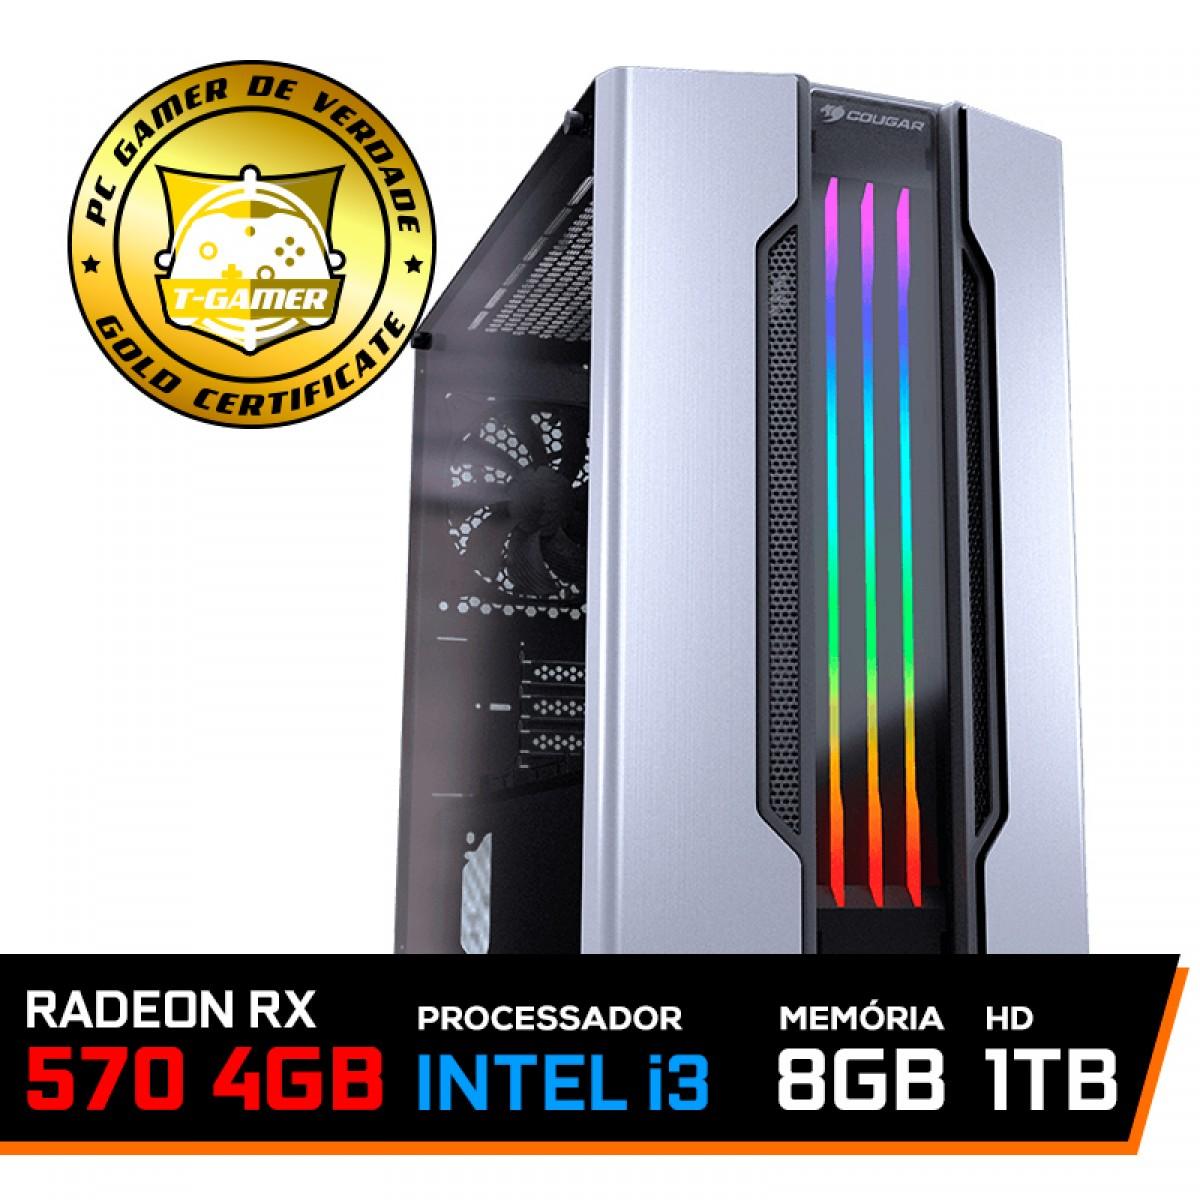 Pc Gamer T-Gamer Dominator Lvl-6 Intel I3 9100F / Radeon RX 570 4GB / DDR4 8GB / HD 1TB